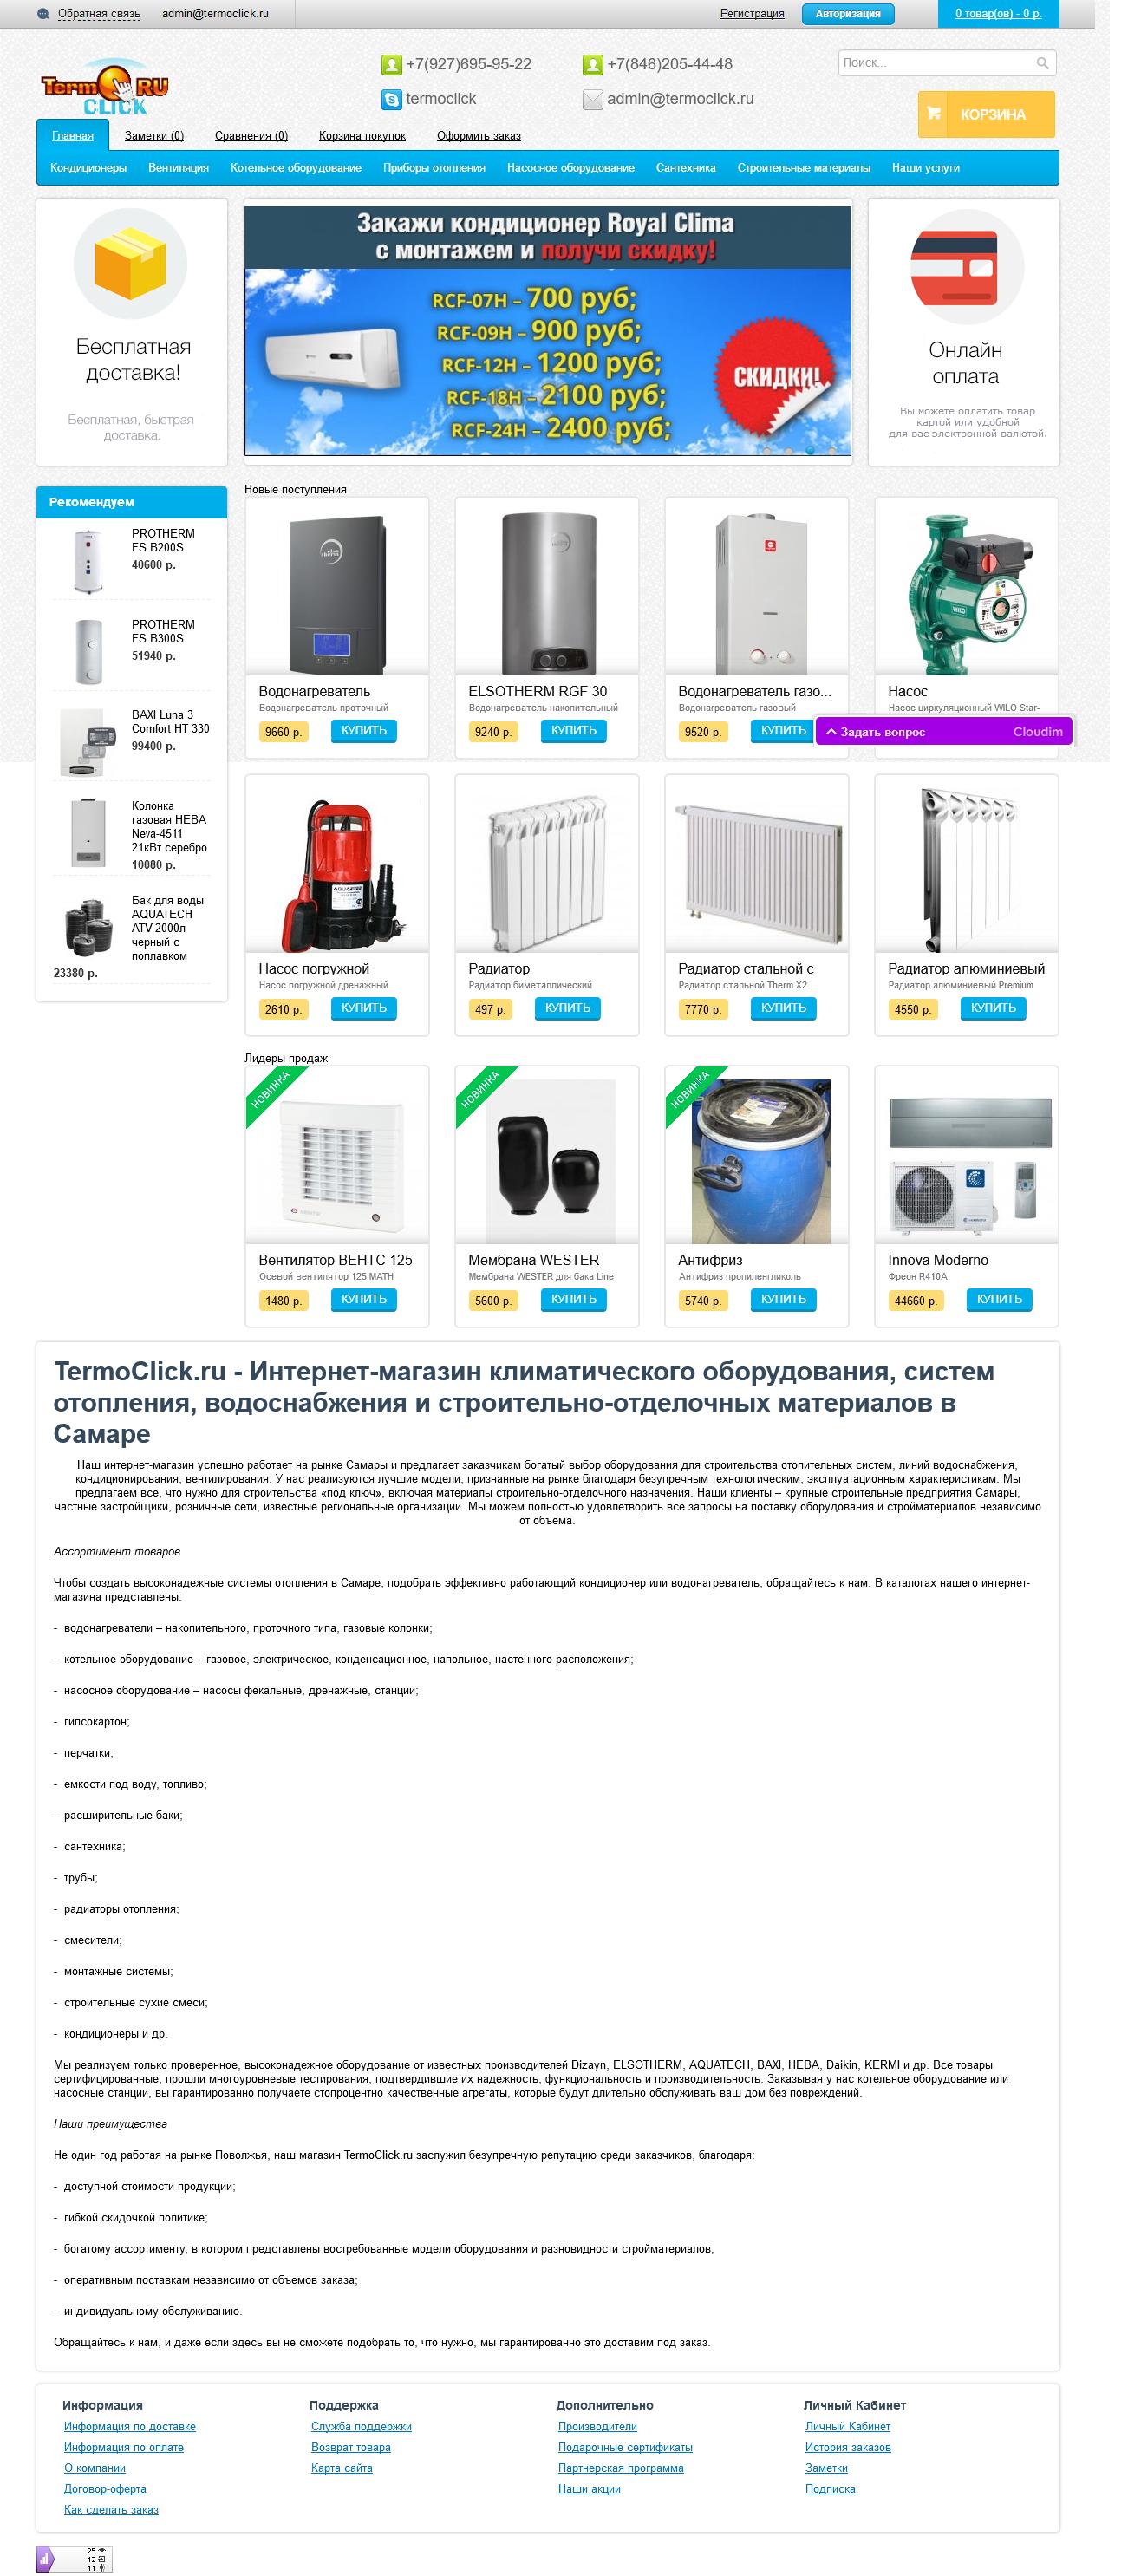 ТермоКлик - Интернет-магазин